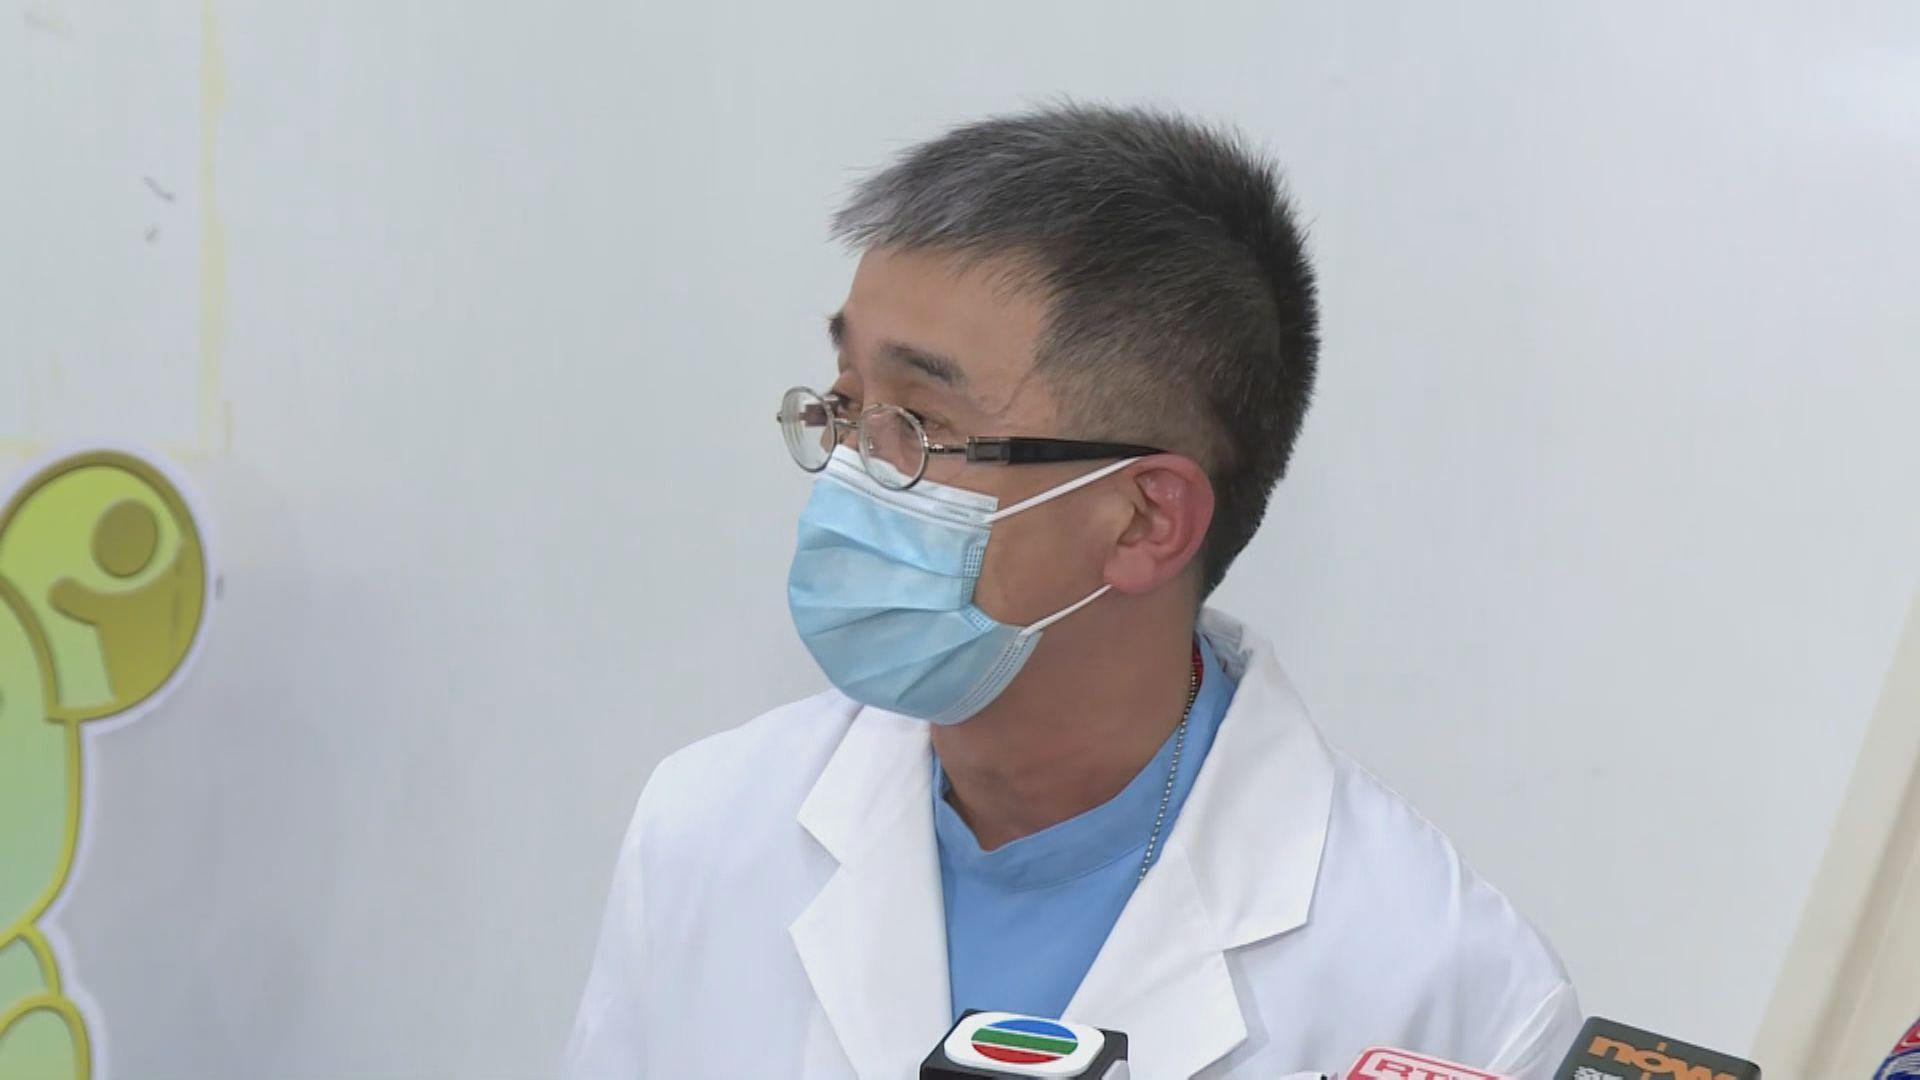 有確診患者逗留在屯門醫院非負壓病房 至少12人需觀察